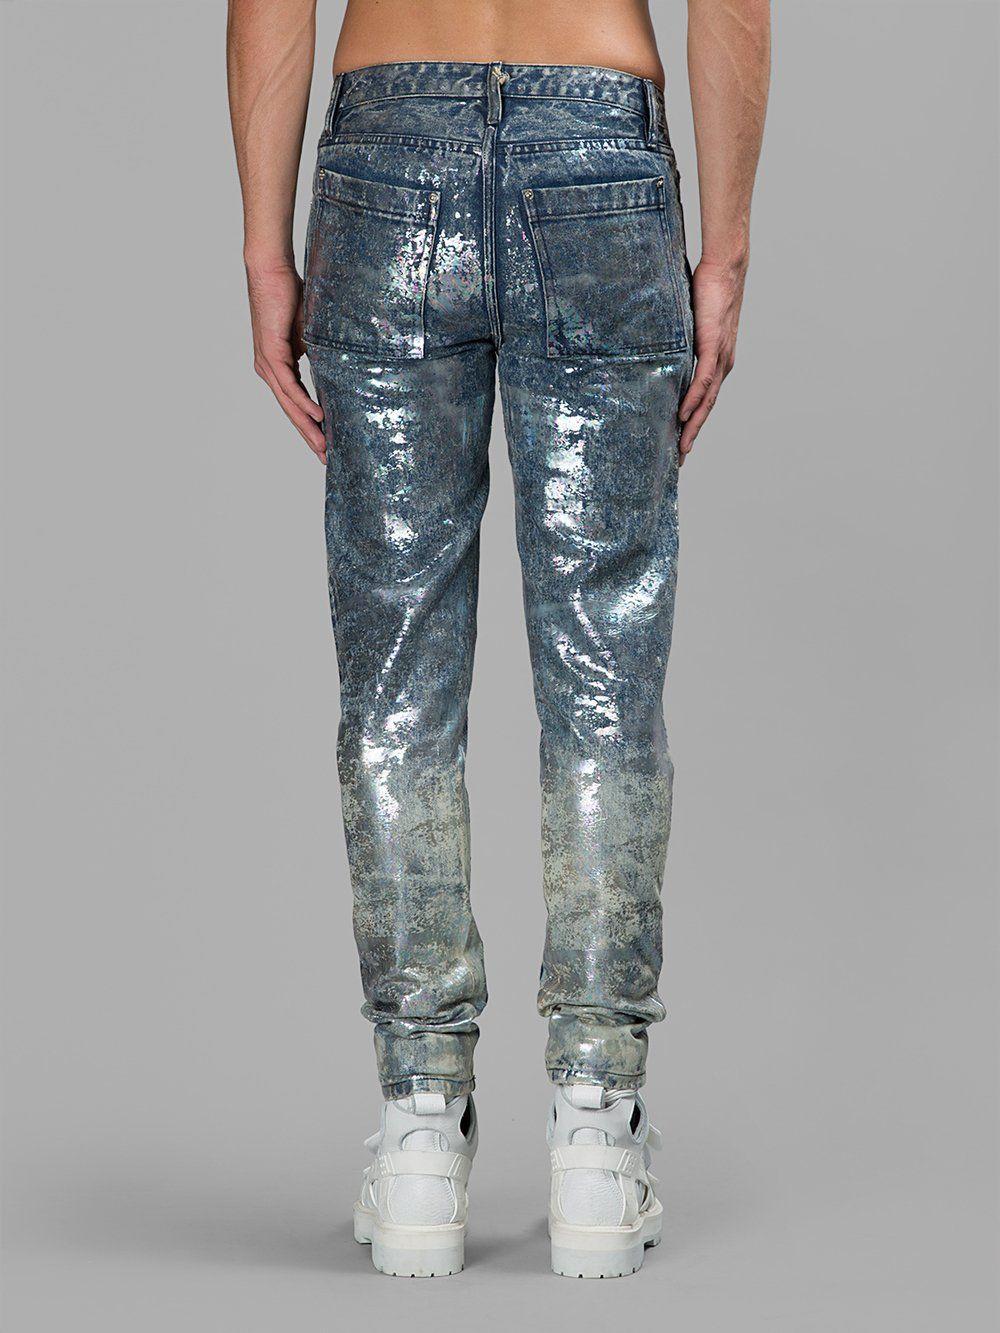 HOOD BY AIR - Jeans - Antonioli.eu